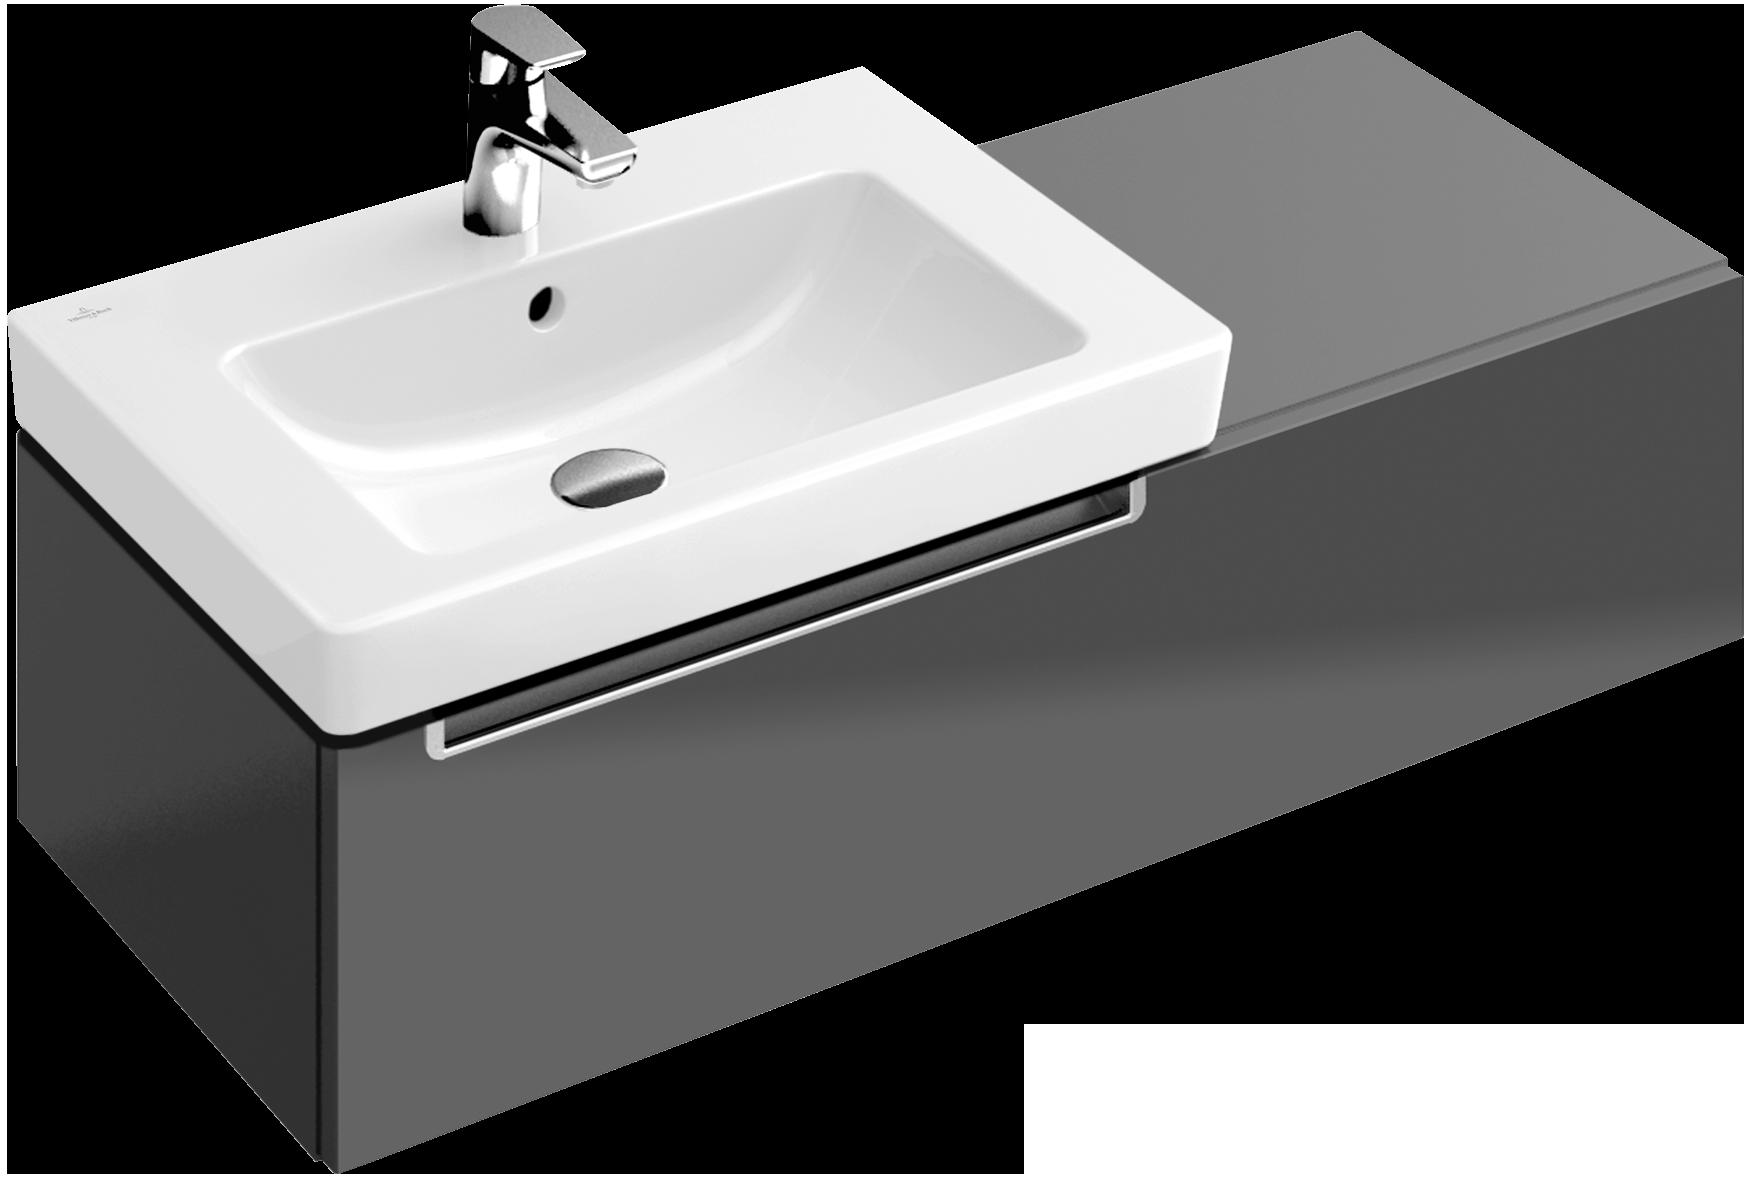 subway 2.0 waschtischunterschrank a7000r - villeroy & boch, Badezimmer ideen